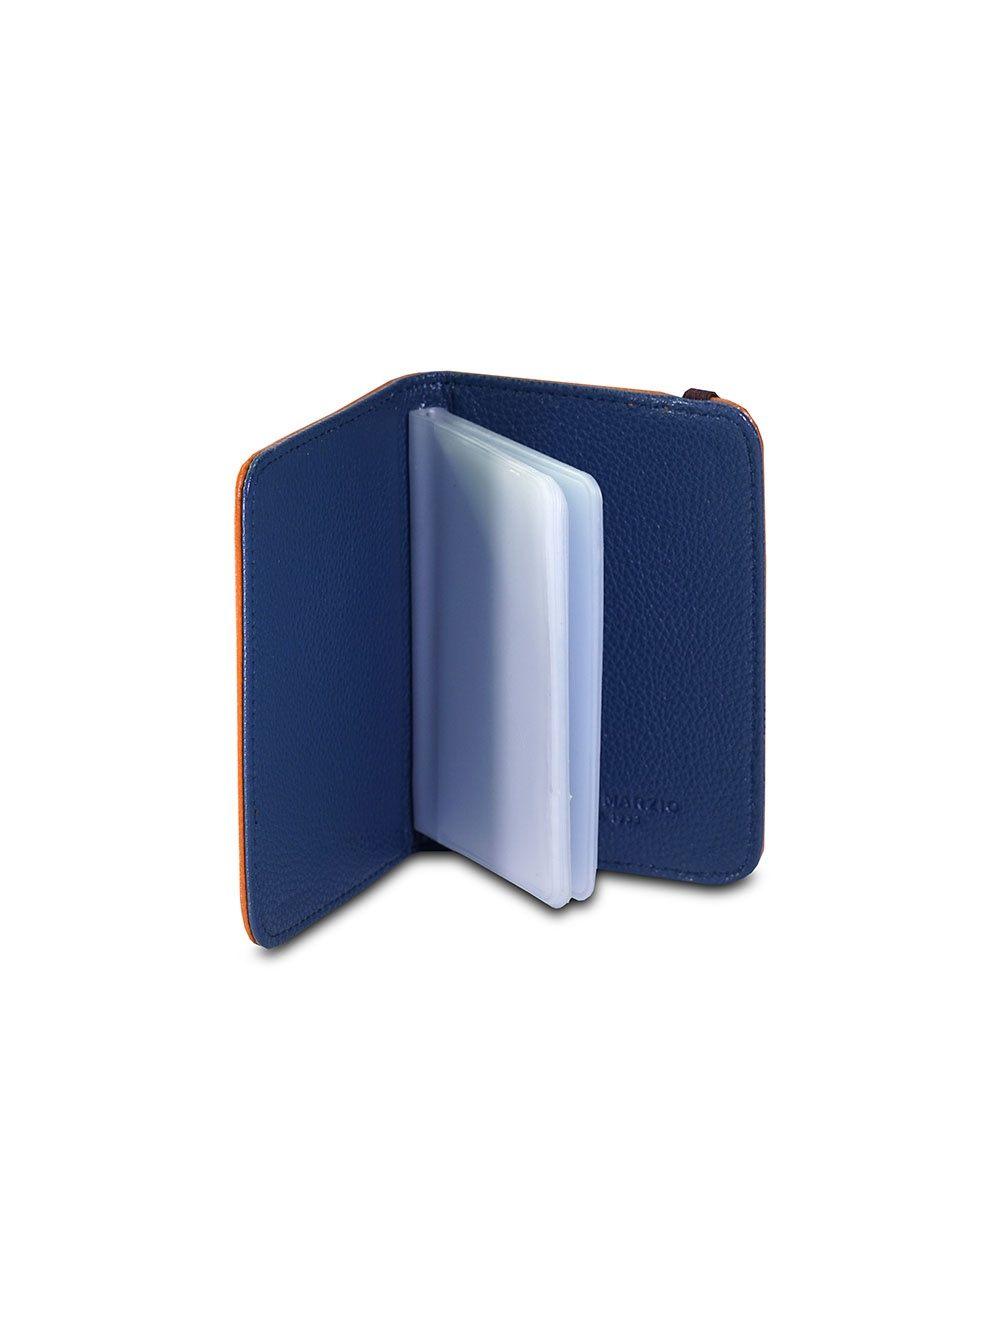 Fidelity Card Holder - Mandarin